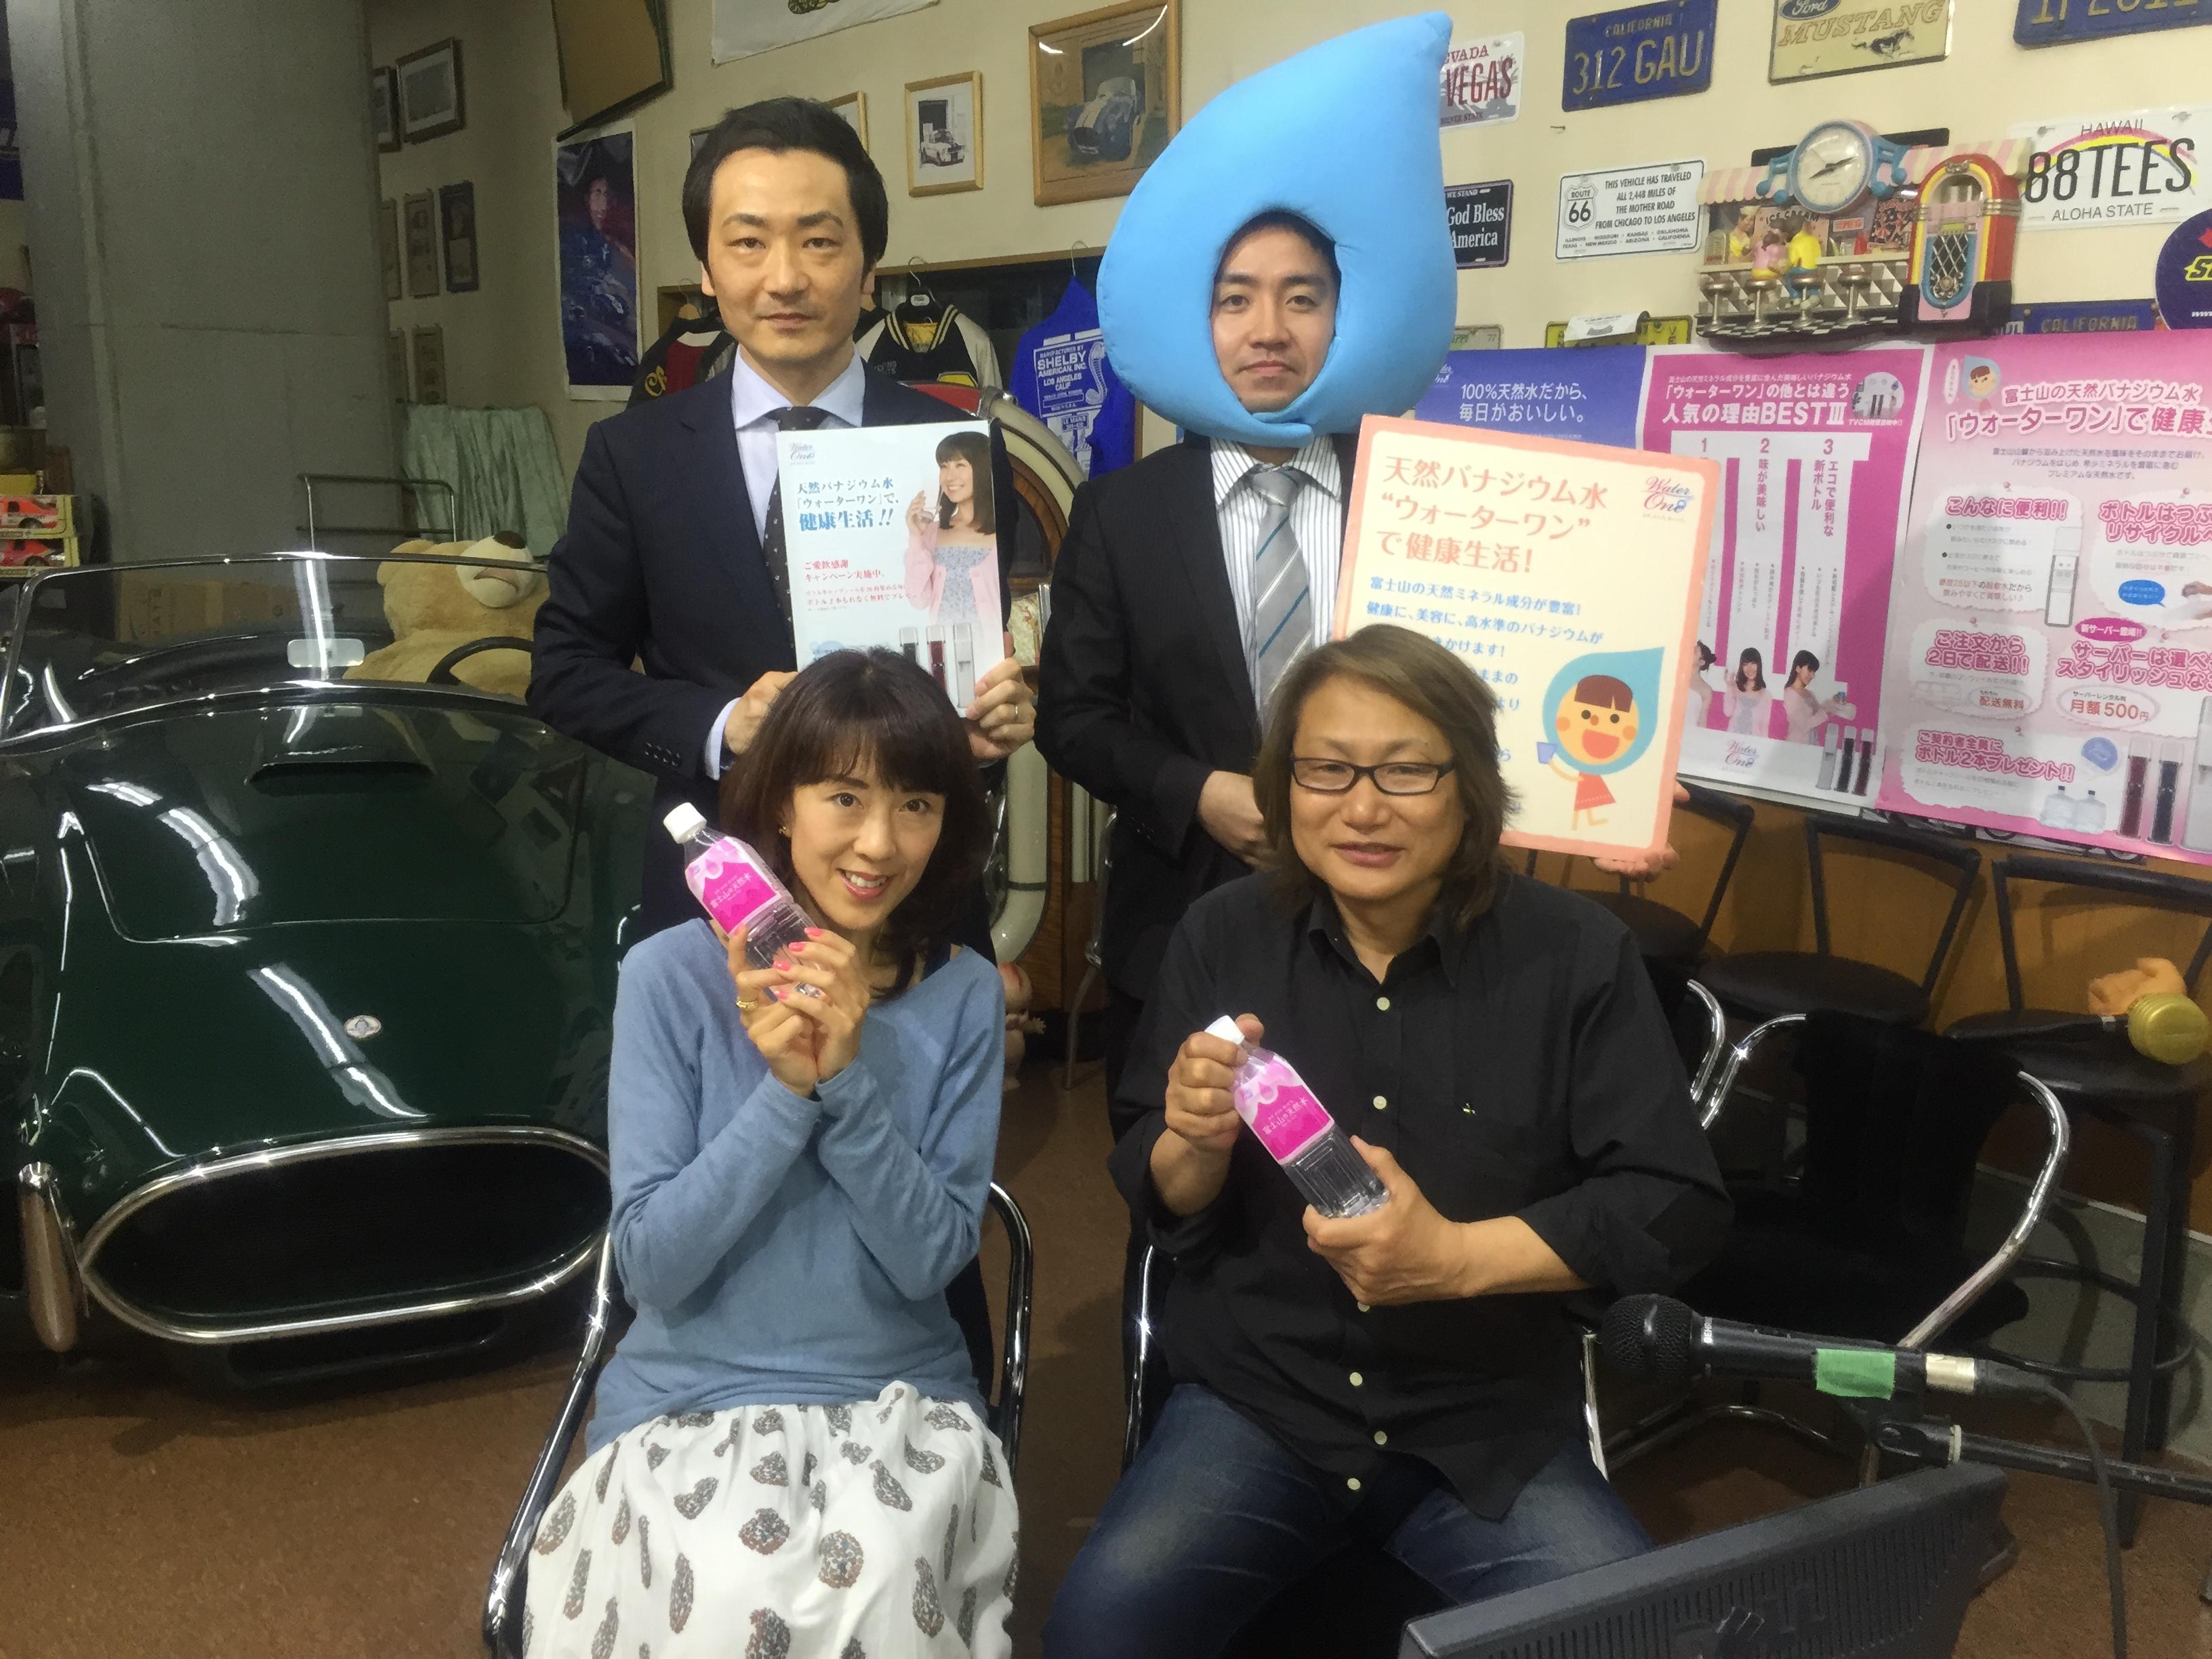 『片岡聖子のノッてるTV~ナニ観てんだよ!』#1(2015年04月23日放送分)